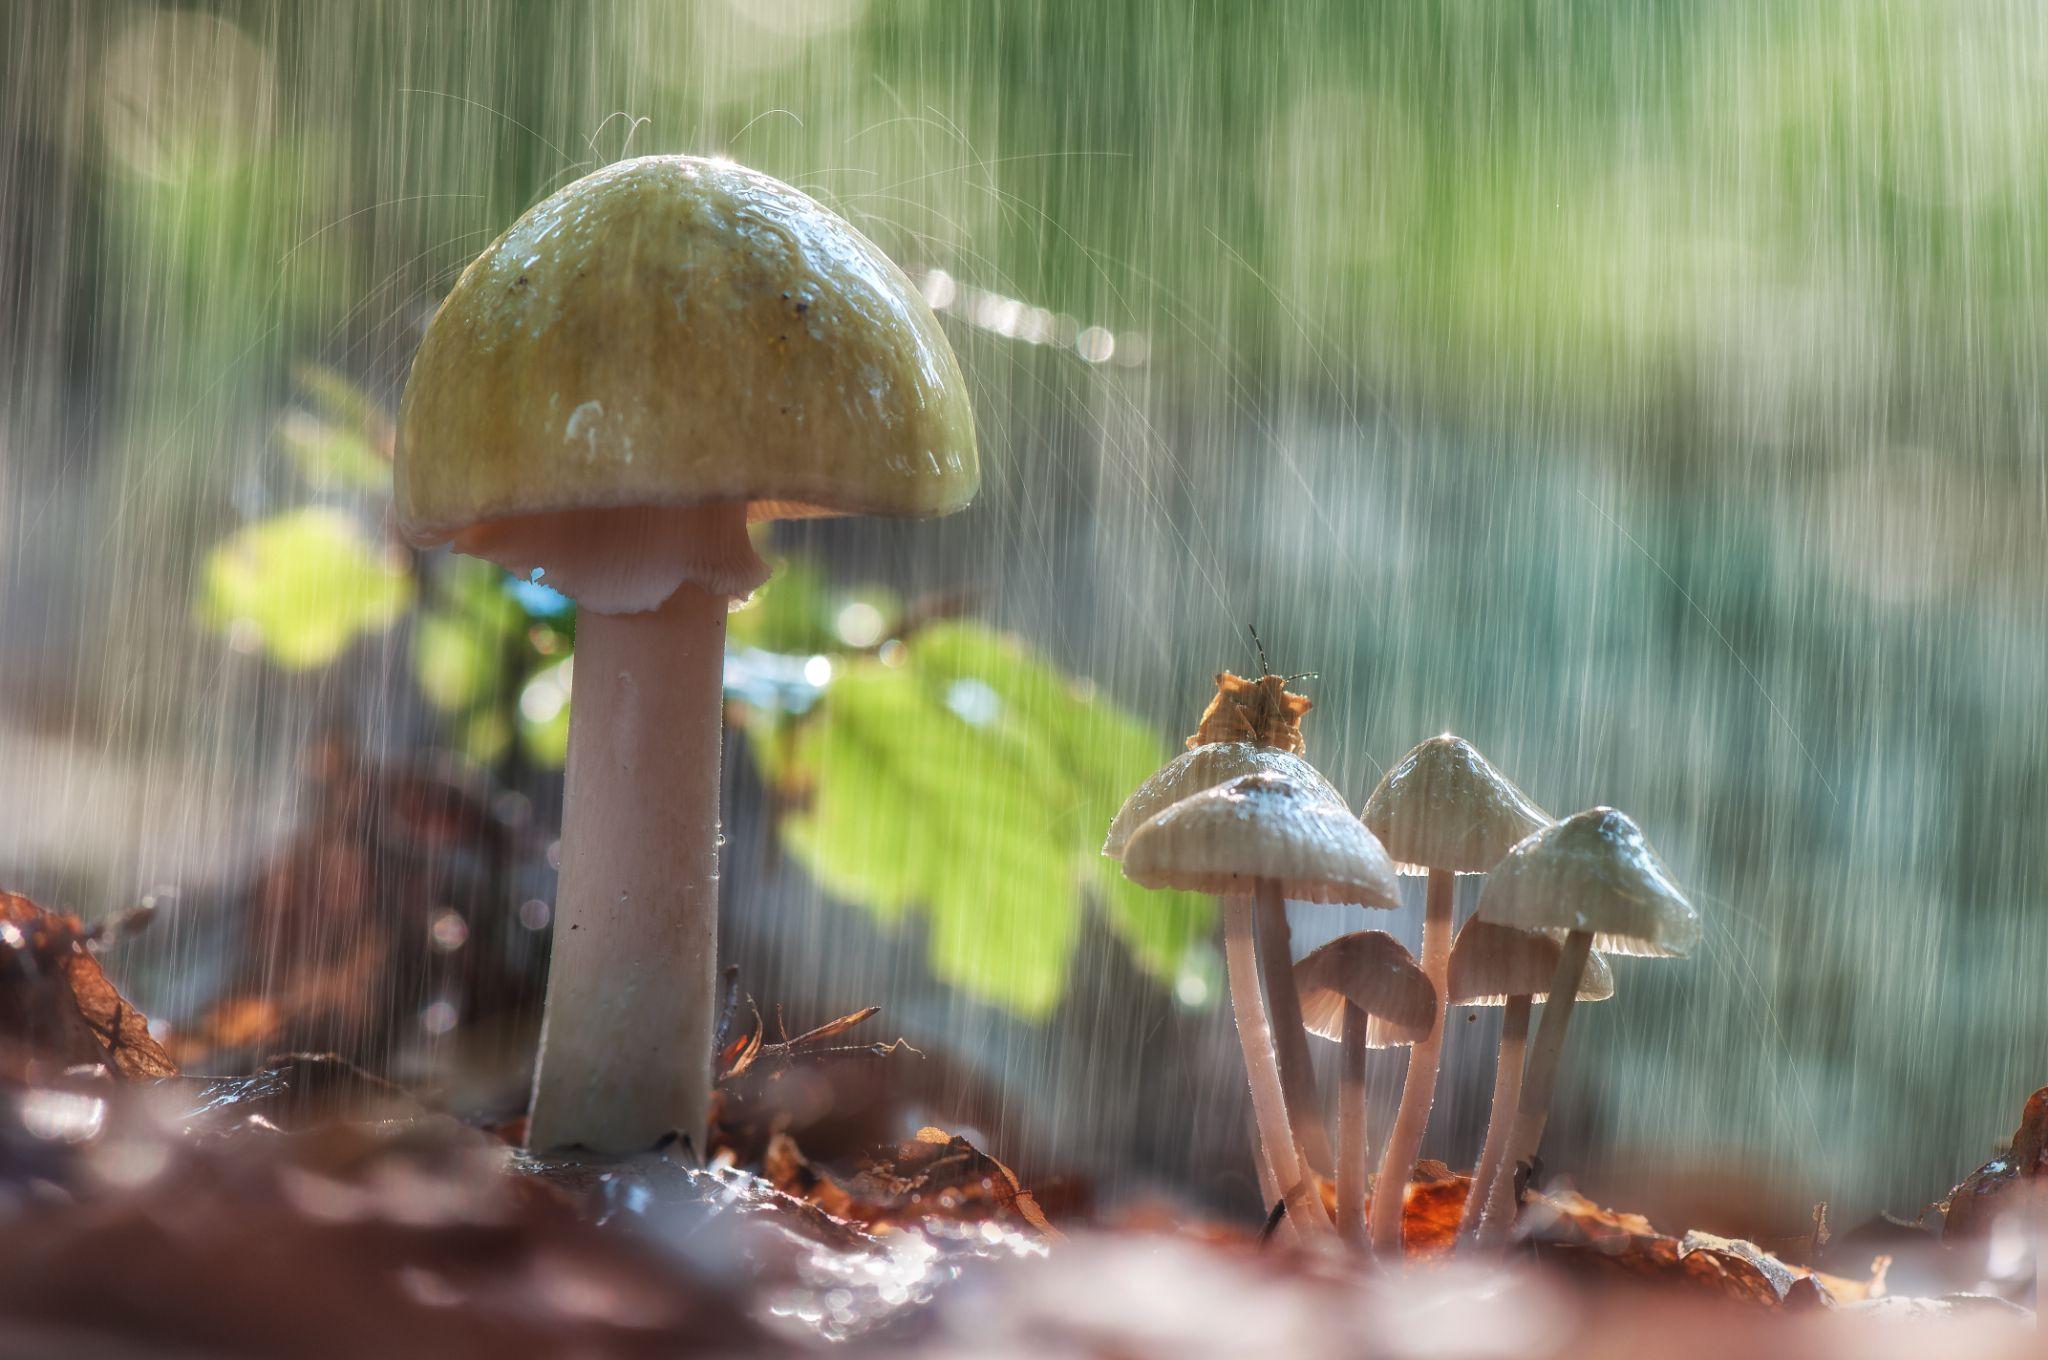 Shower Mushroom by Wolfgang Korazija